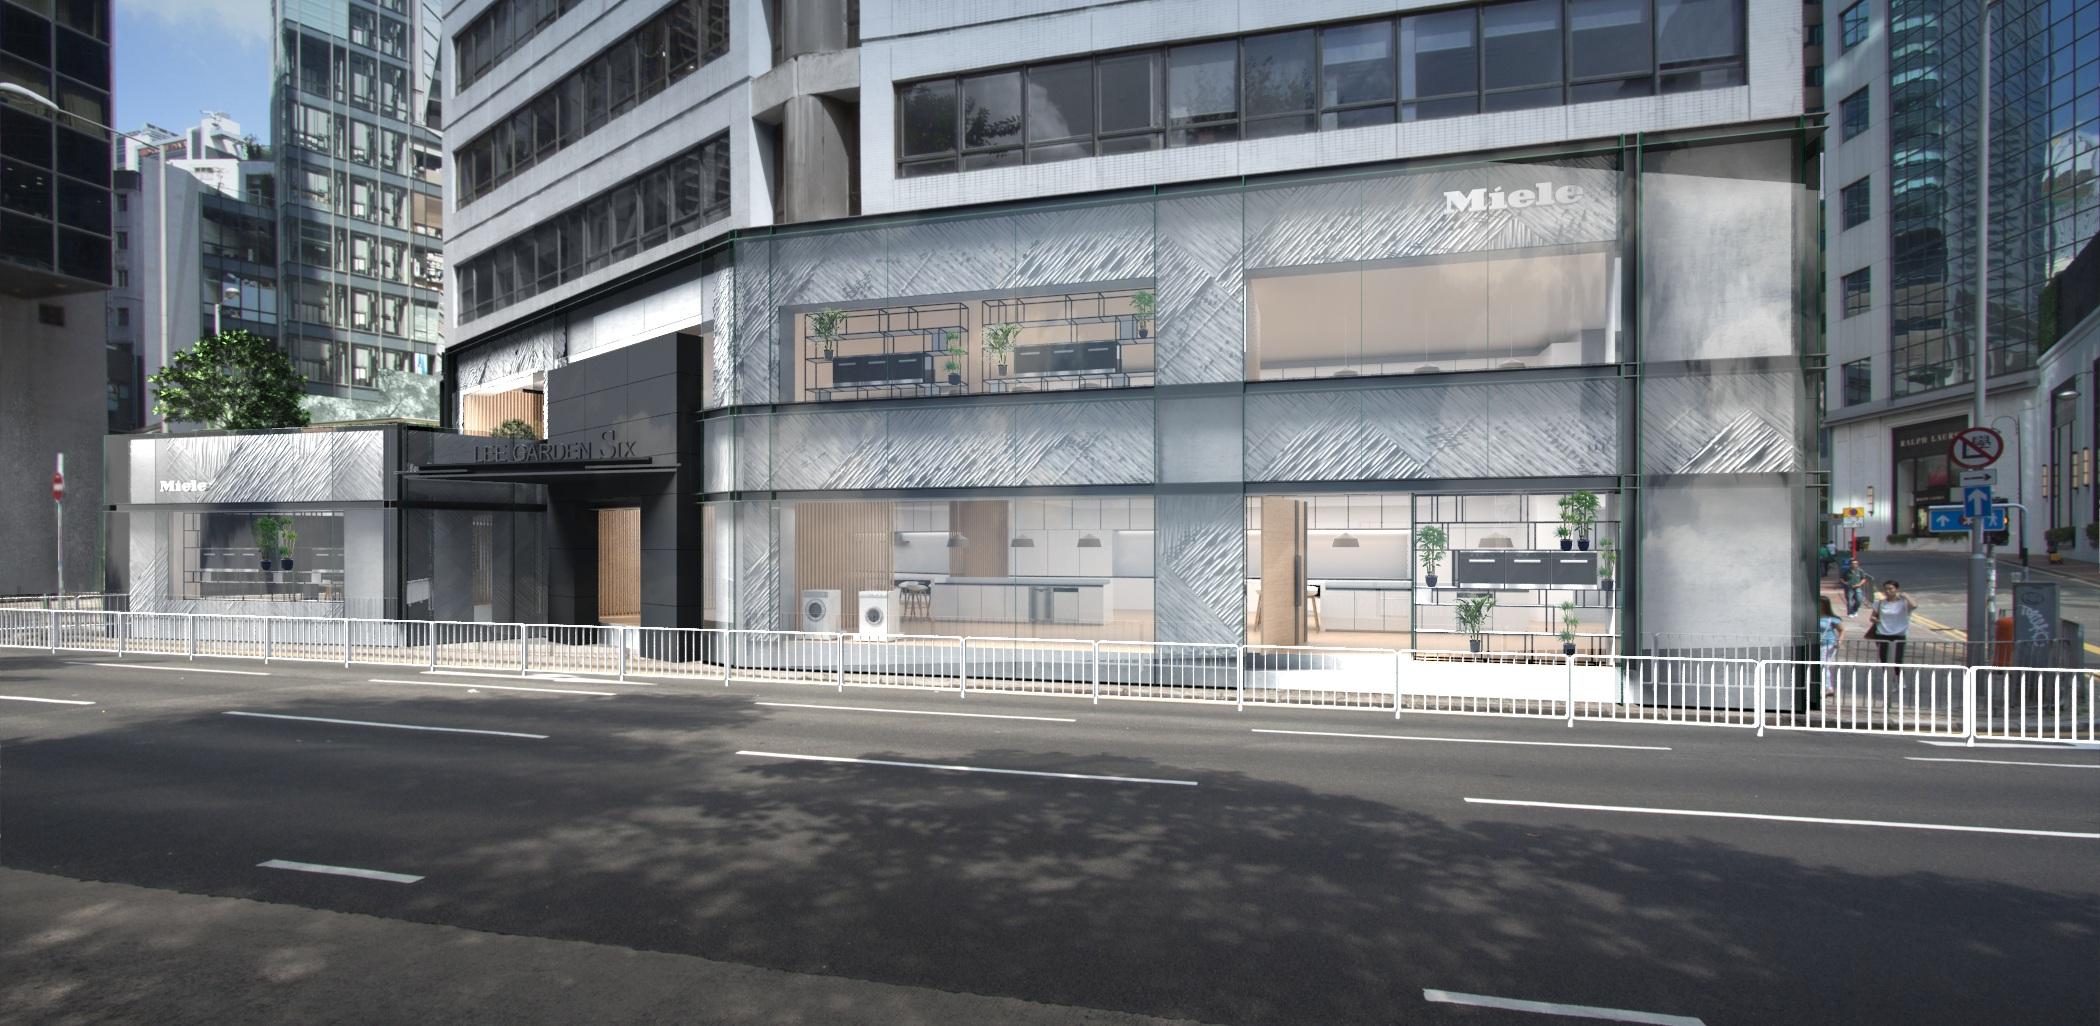 04 Miele Facade Hong Kong.png